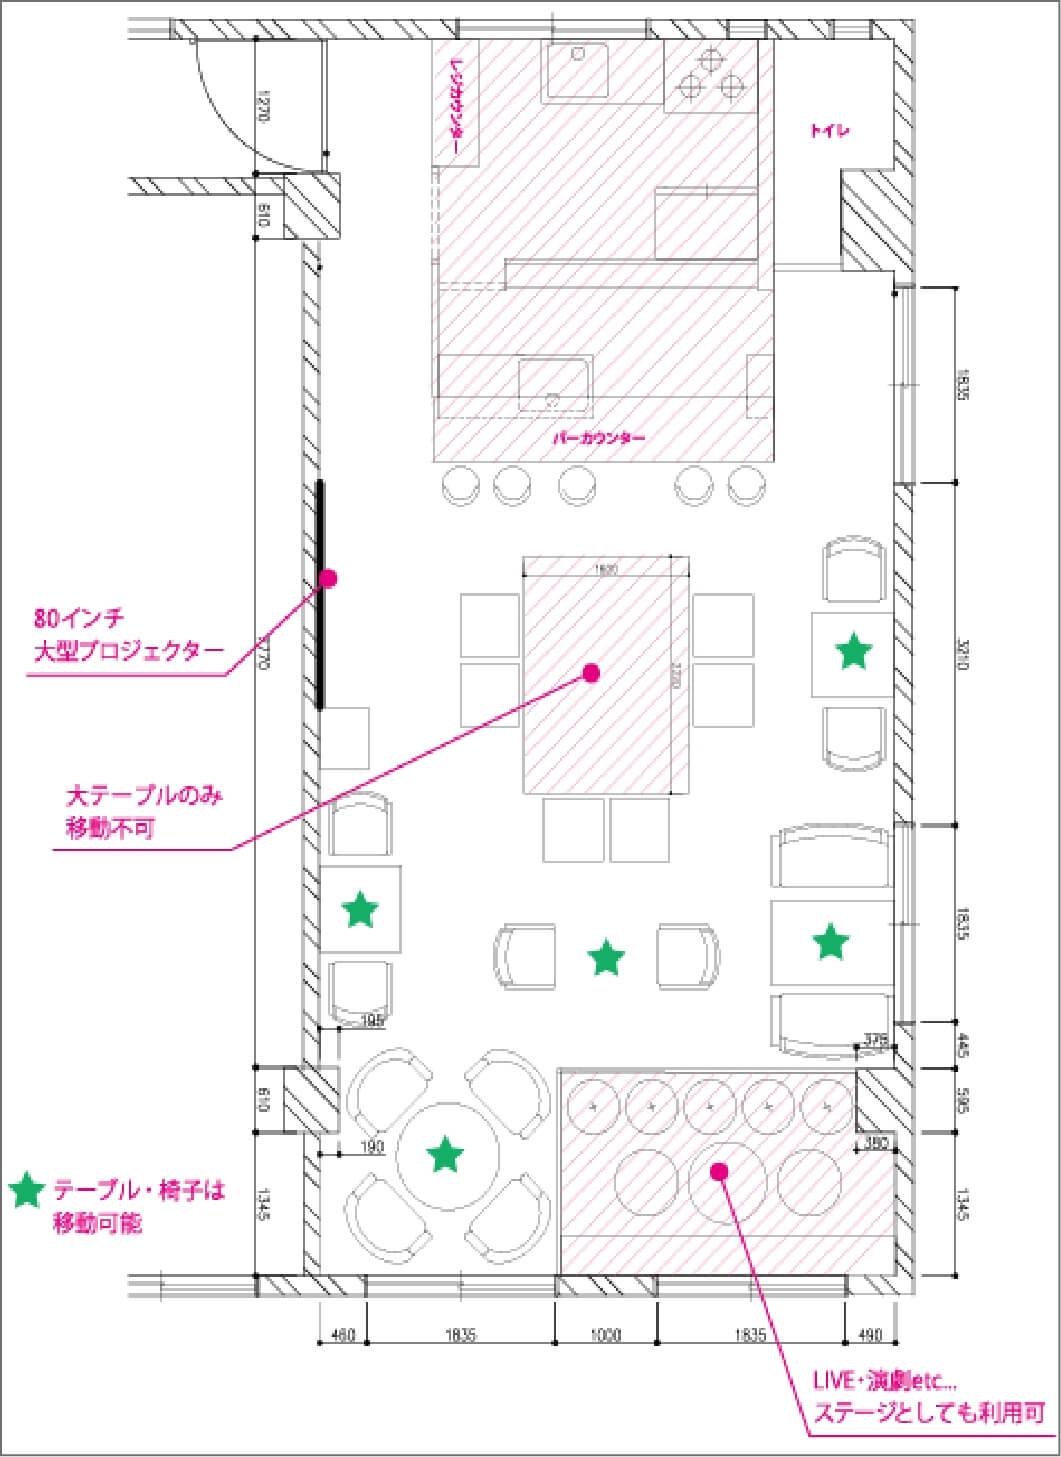 CAFE★BAR BLOOMOON(カフェバー ブルゥムーン)吉祥寺の店内レイアウト